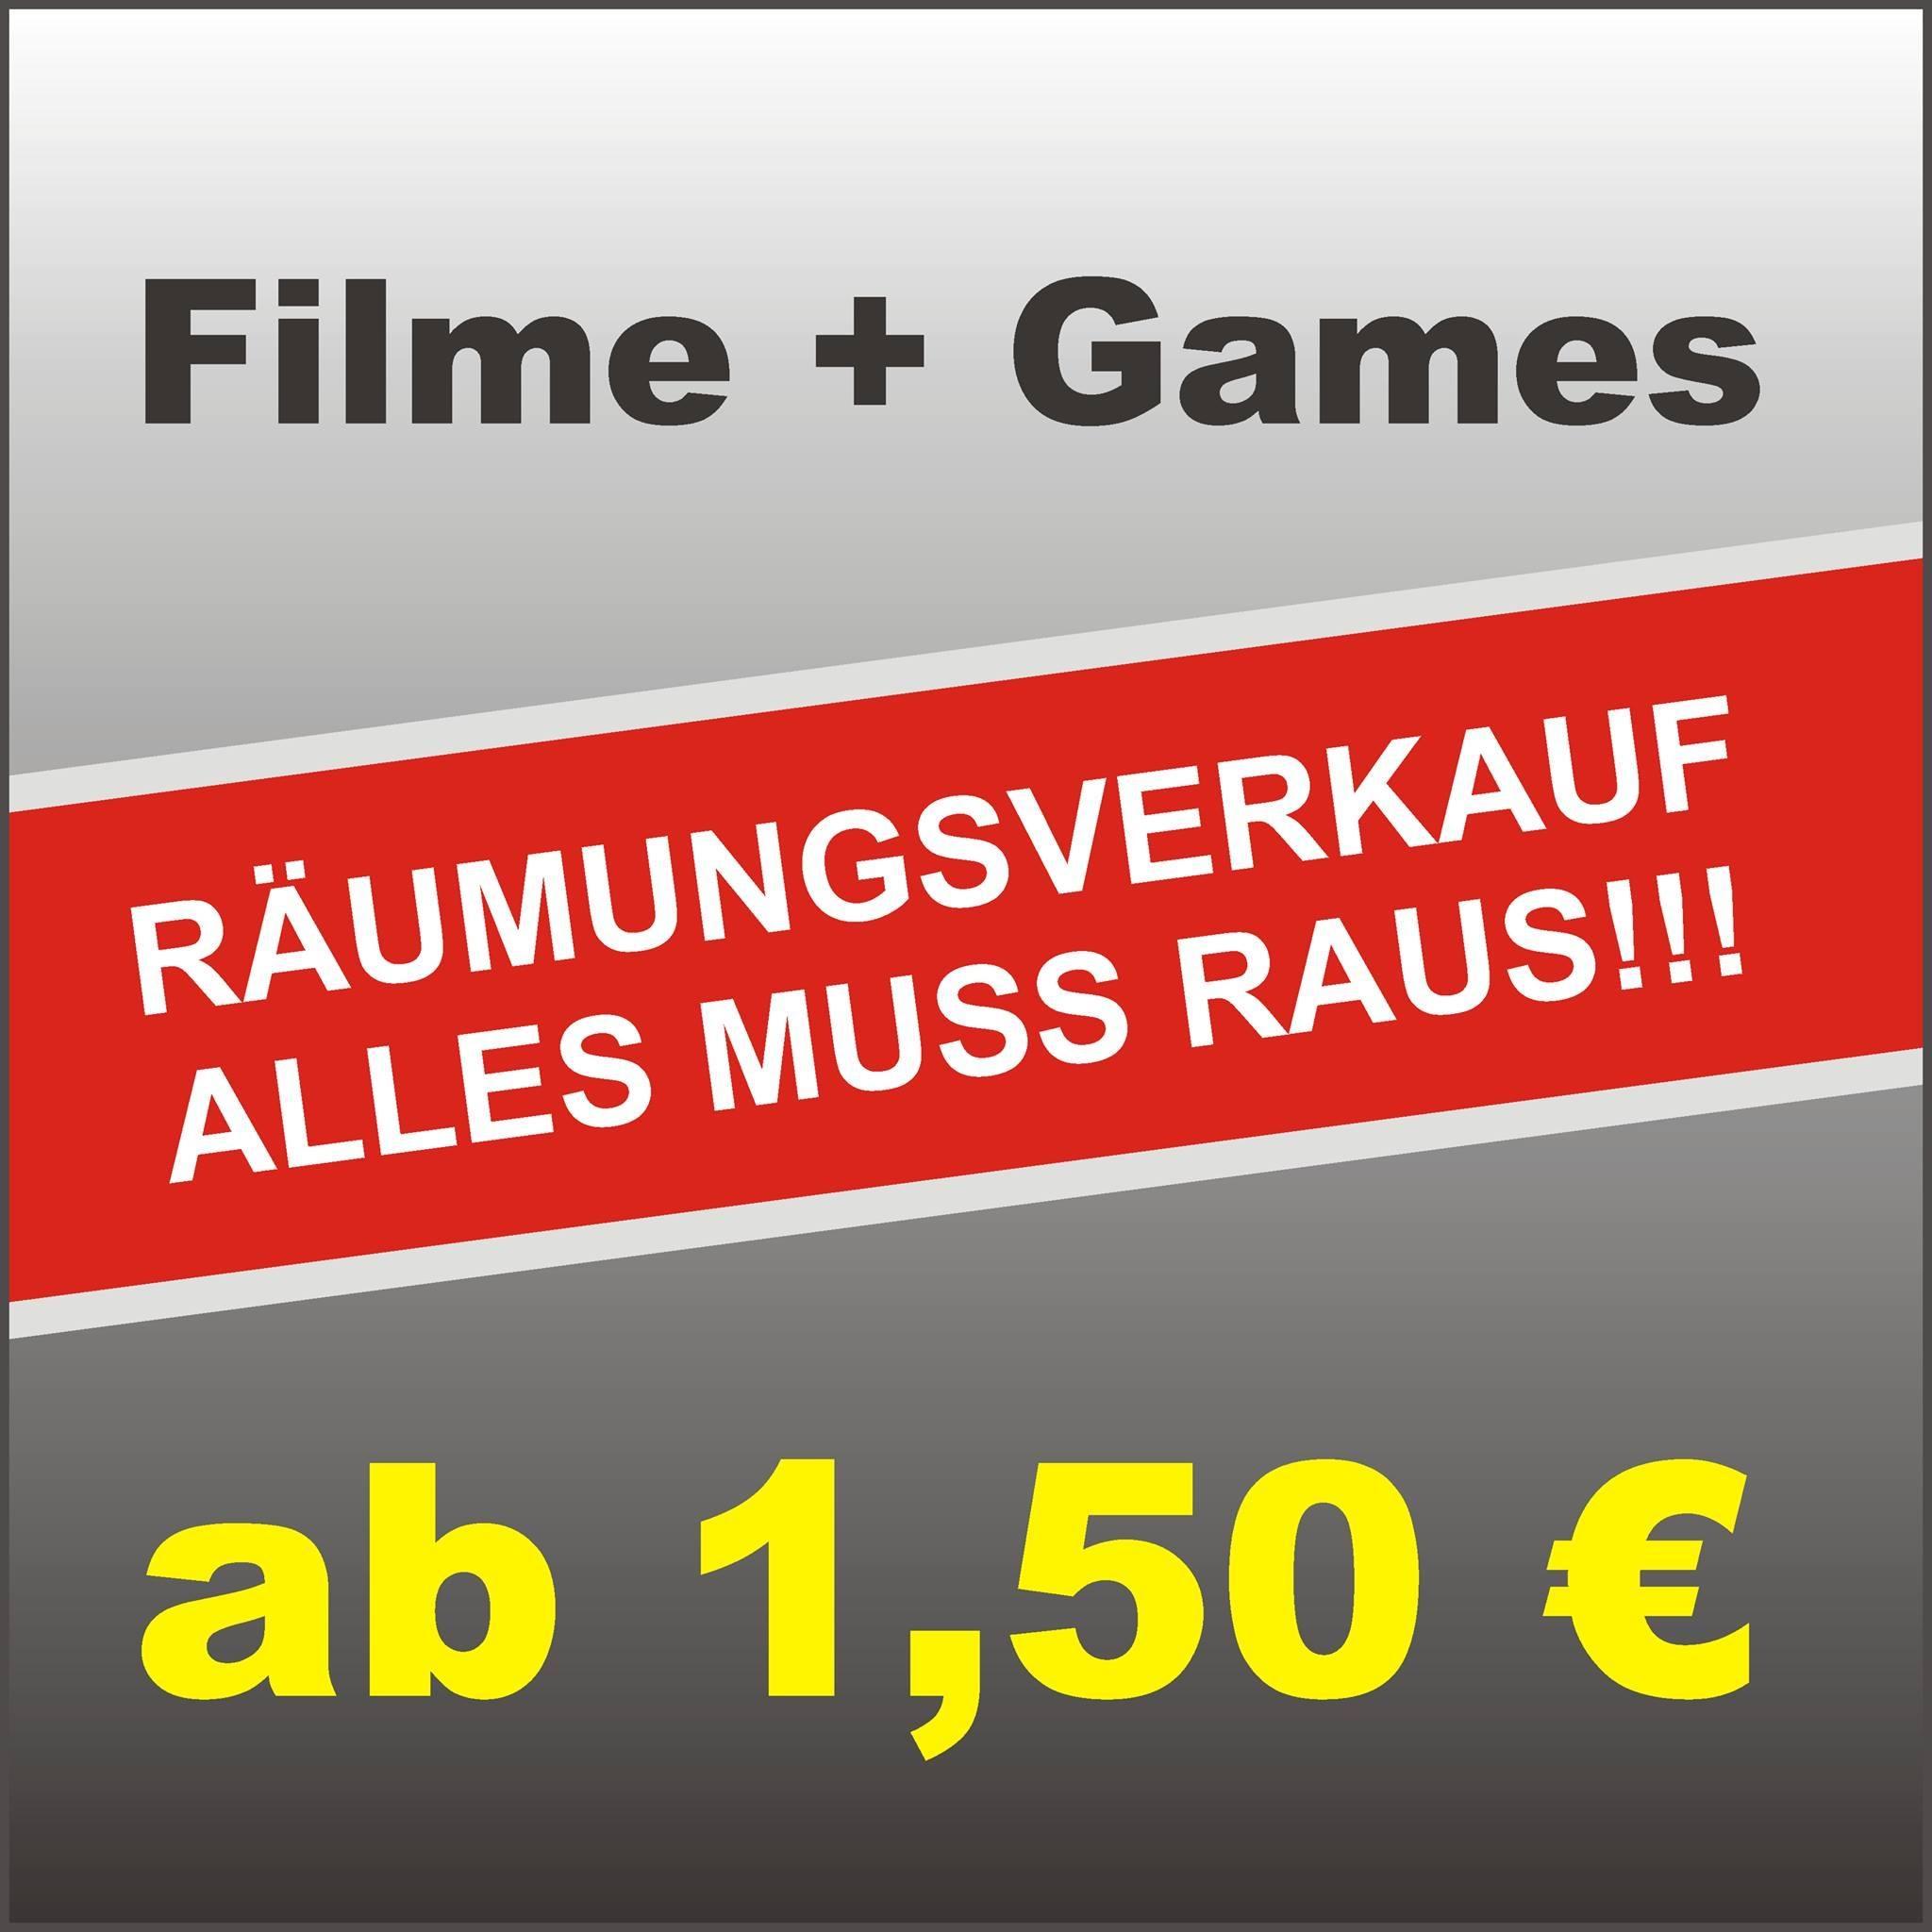 Räumungsverkauf VIDEO WORLD Breitscheidstrasse 78 in  01237 Dresden